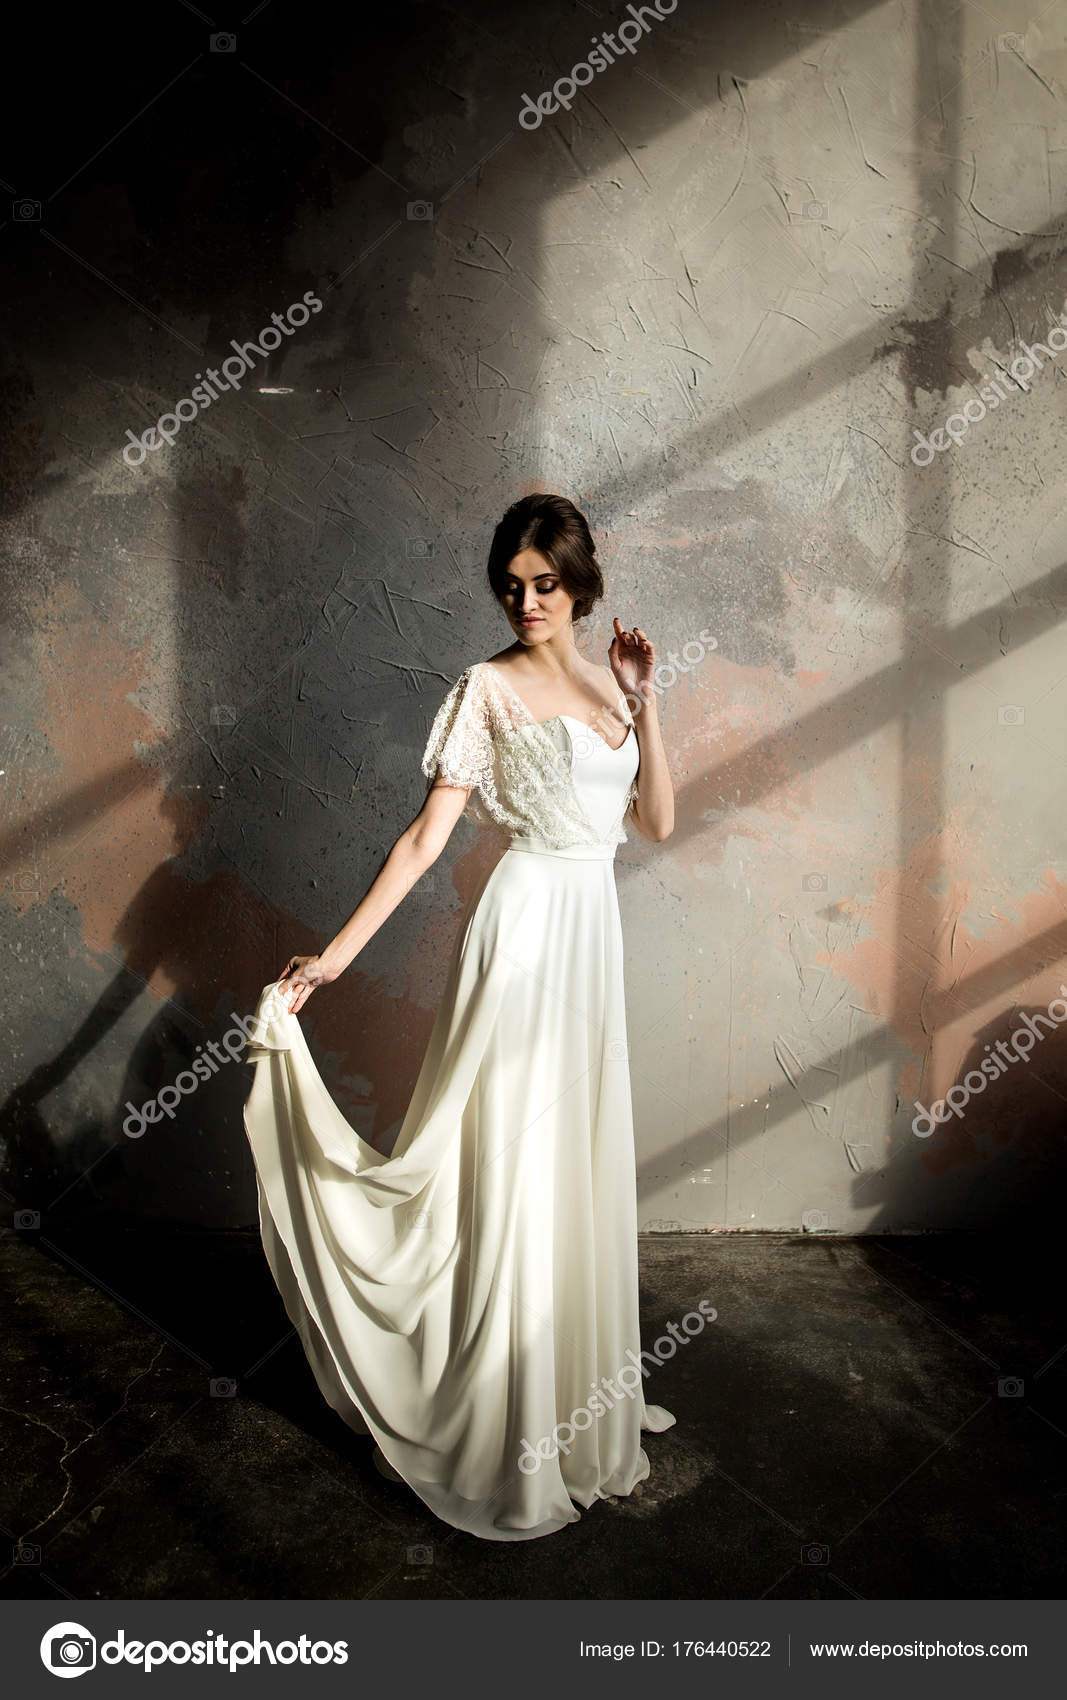 Hochzeit Portrait Schöne Braut Weißen Kleid Posiert Zimmer Mit ...